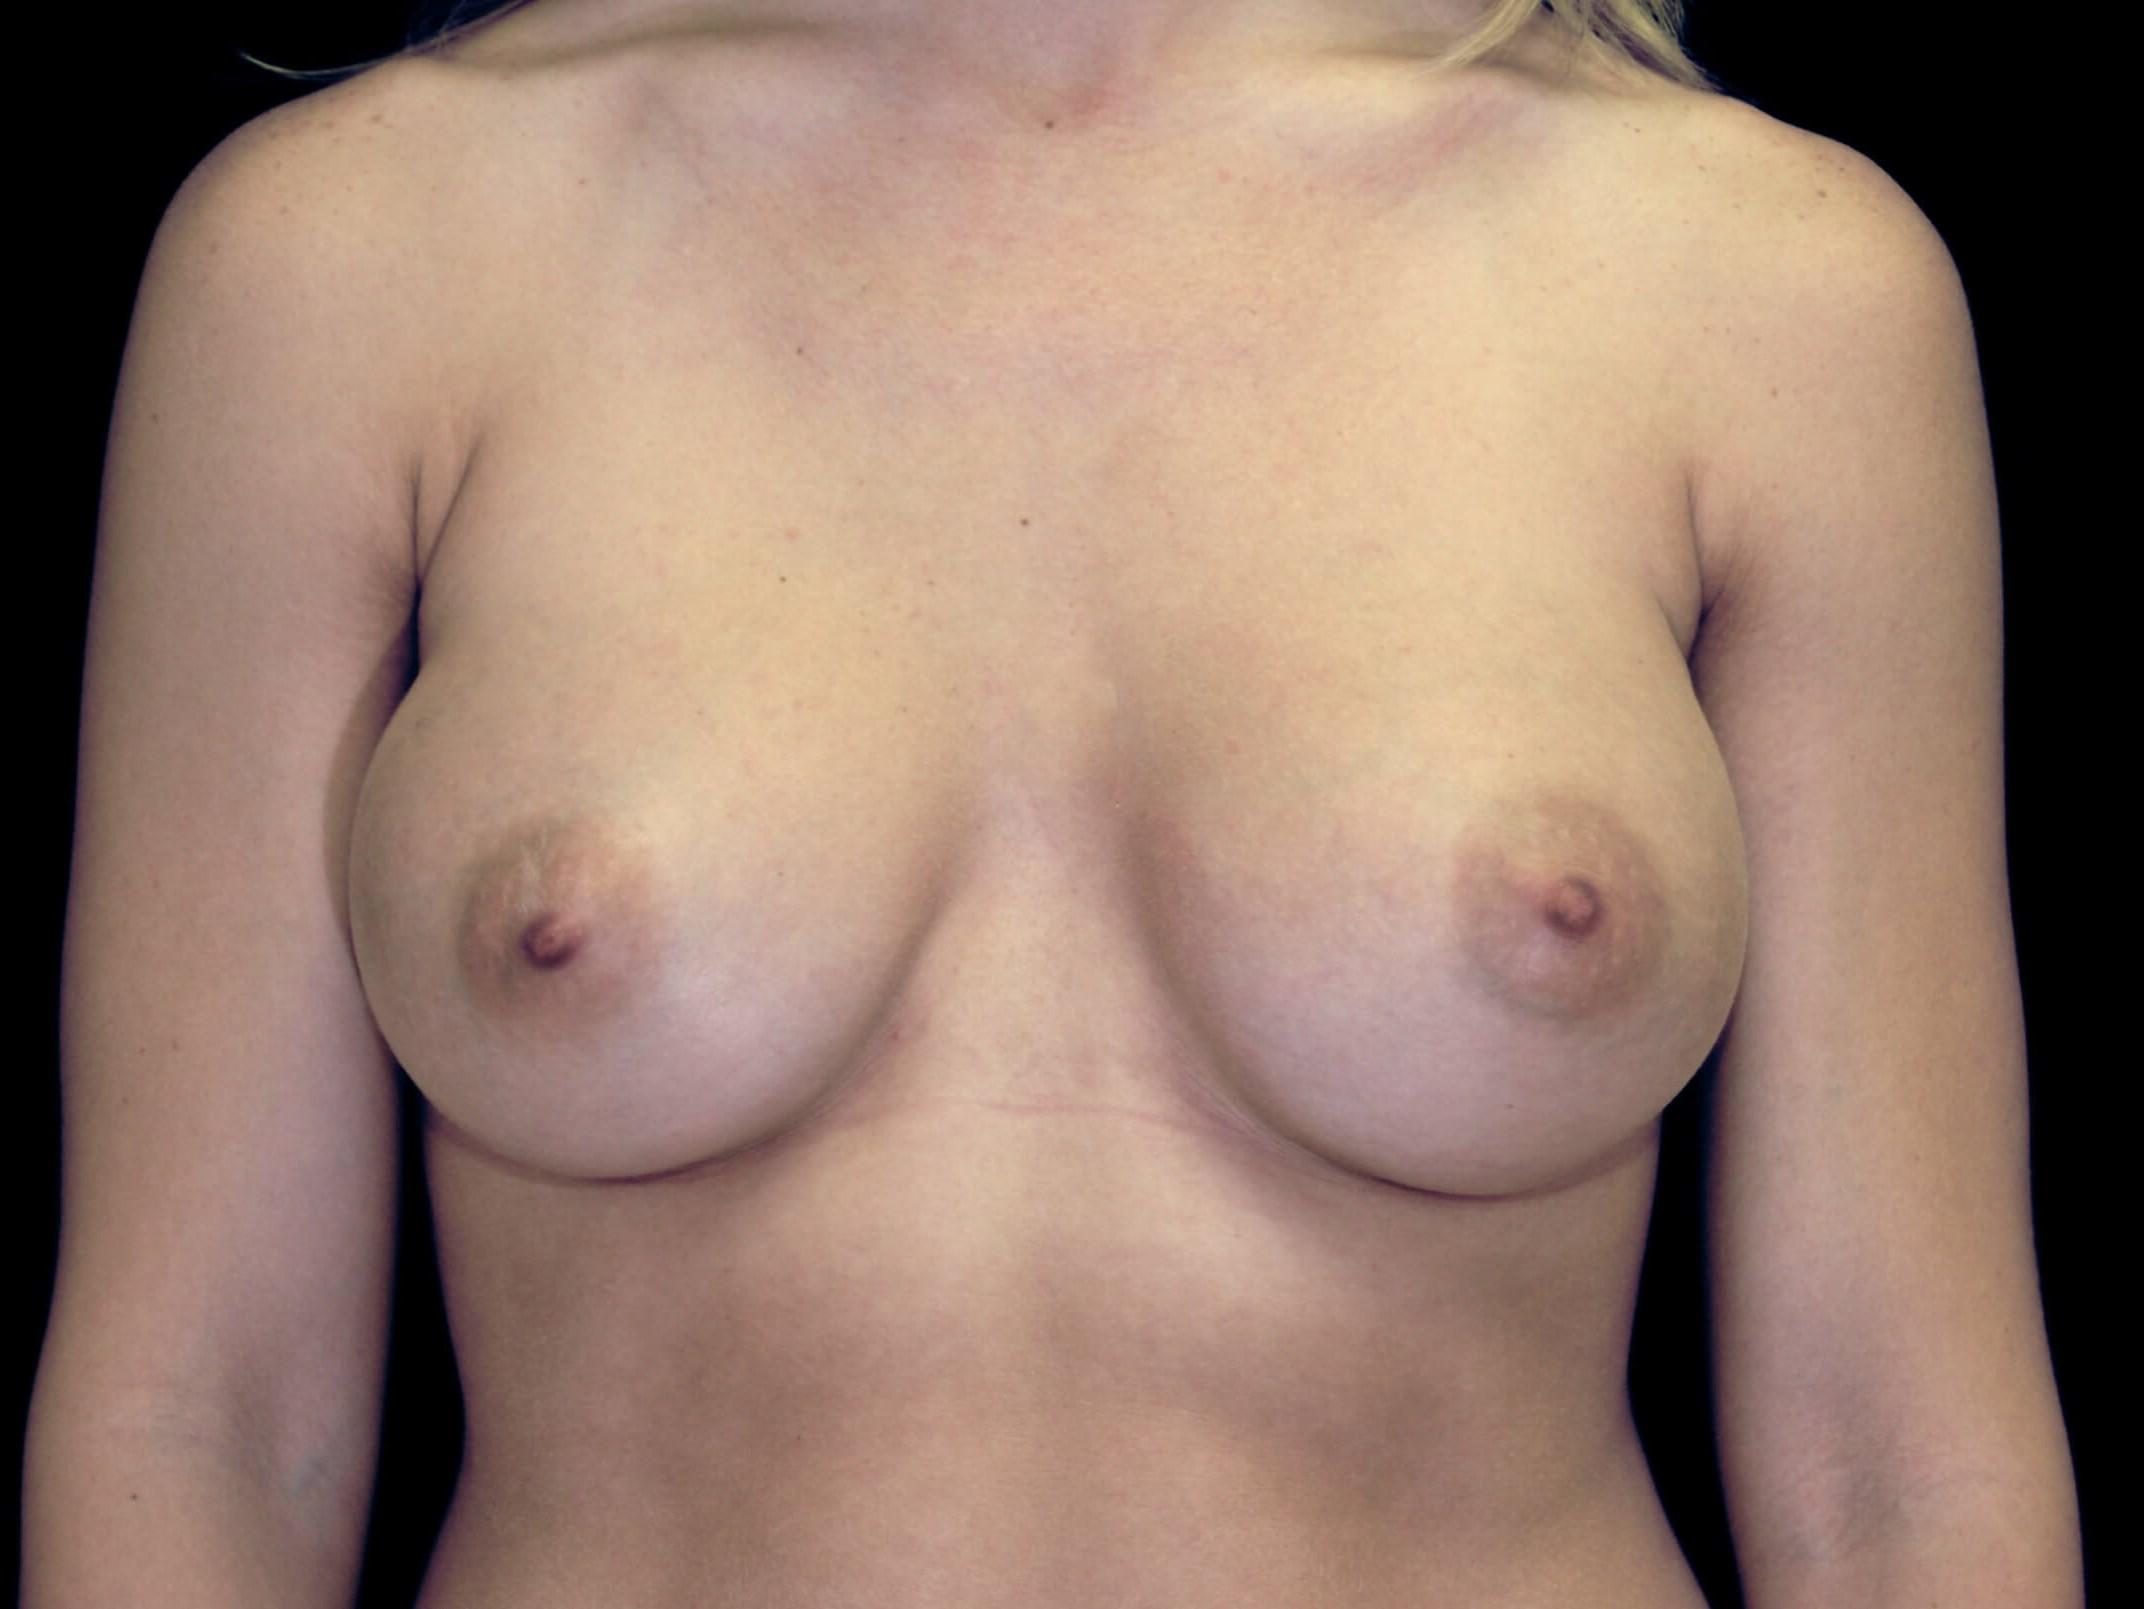 DALLAS, TEXAS WOMAN HAS SILICONE GEL BREAST AUGMENTATION